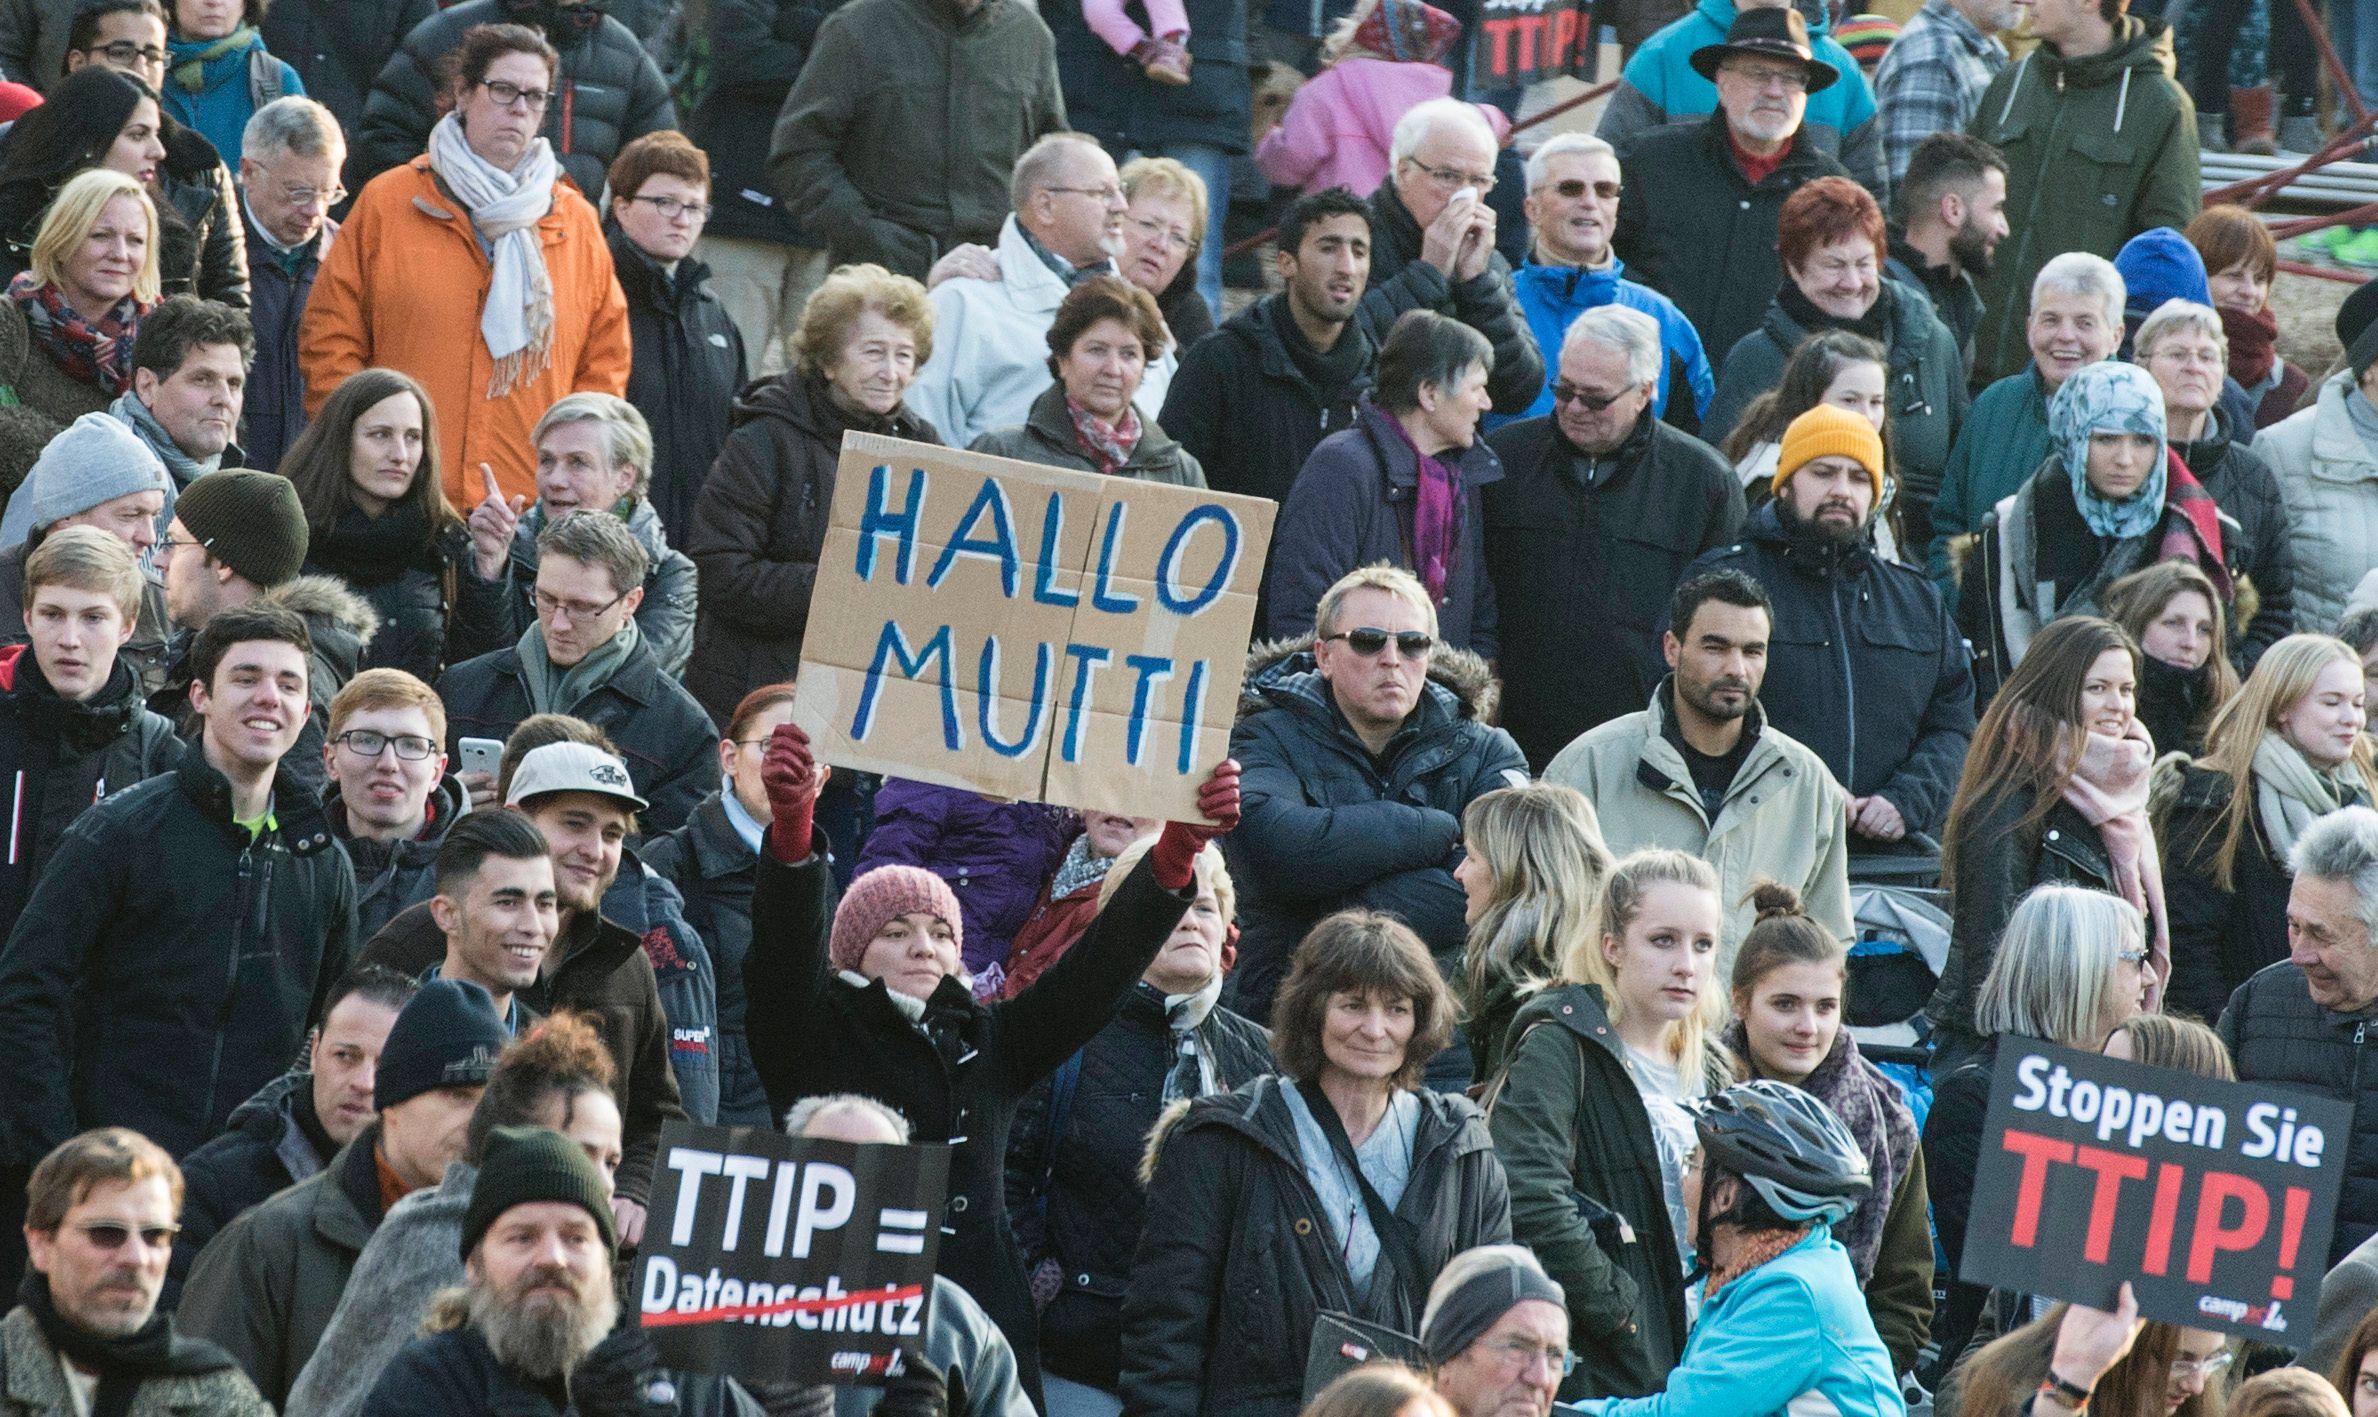 """Una mujer levanta una pancarta con la leyenda """"Hola Mami"""", en referencia al apelativo que sus partidarios dan a Merkel, durante una manifestación en Nuertingen. AFP"""